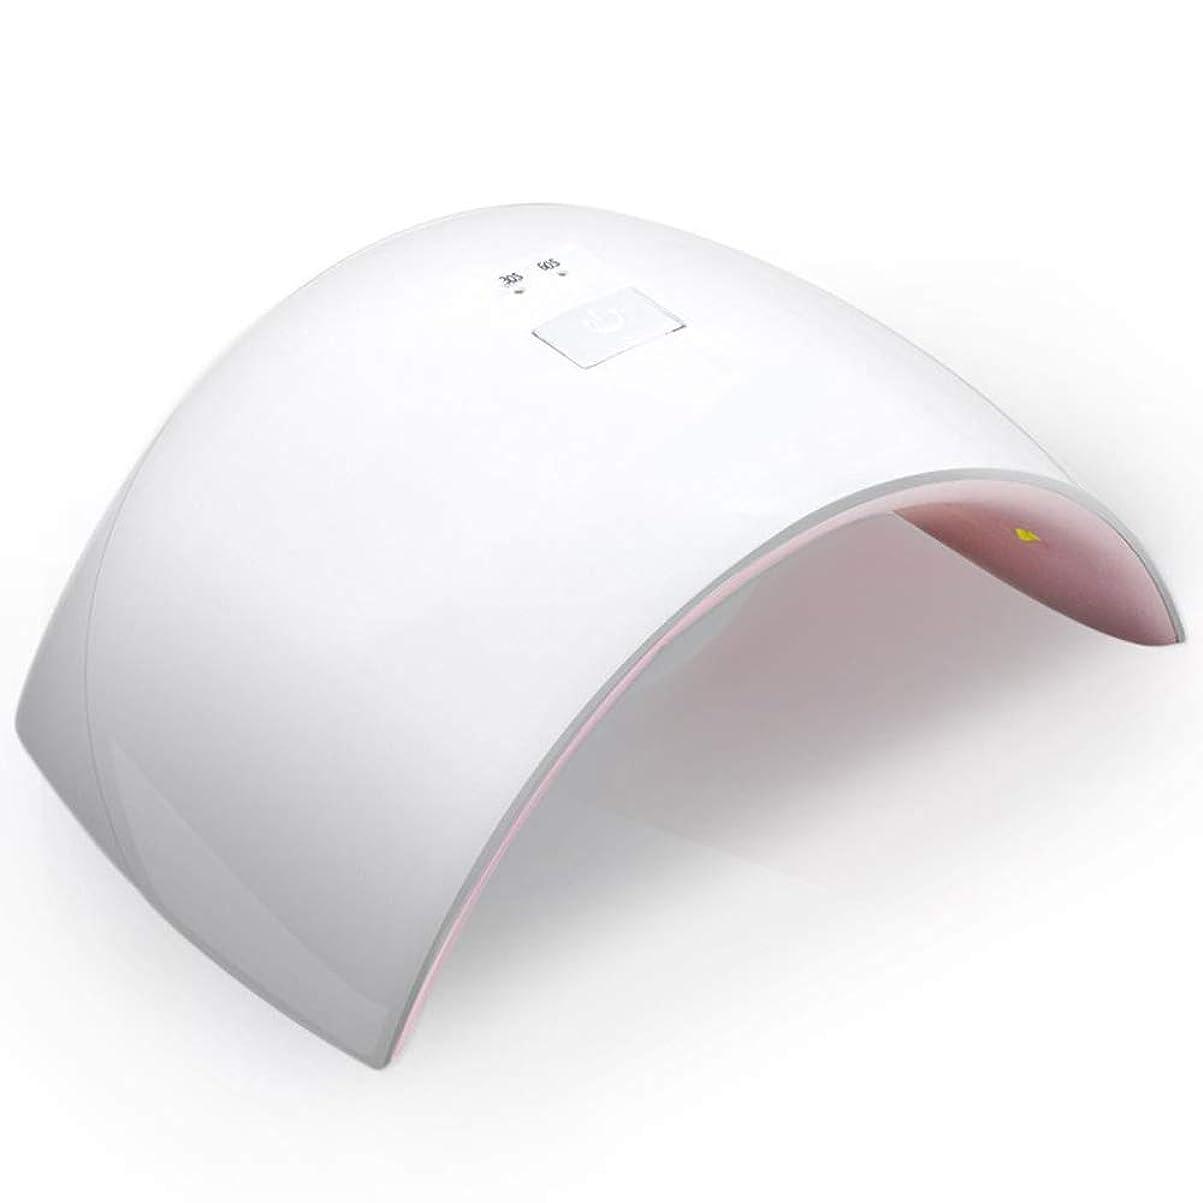 加入怪物類似性UVとLEDダブルライト 24W ネイルドライヤー 赤外線検知タイマー機能